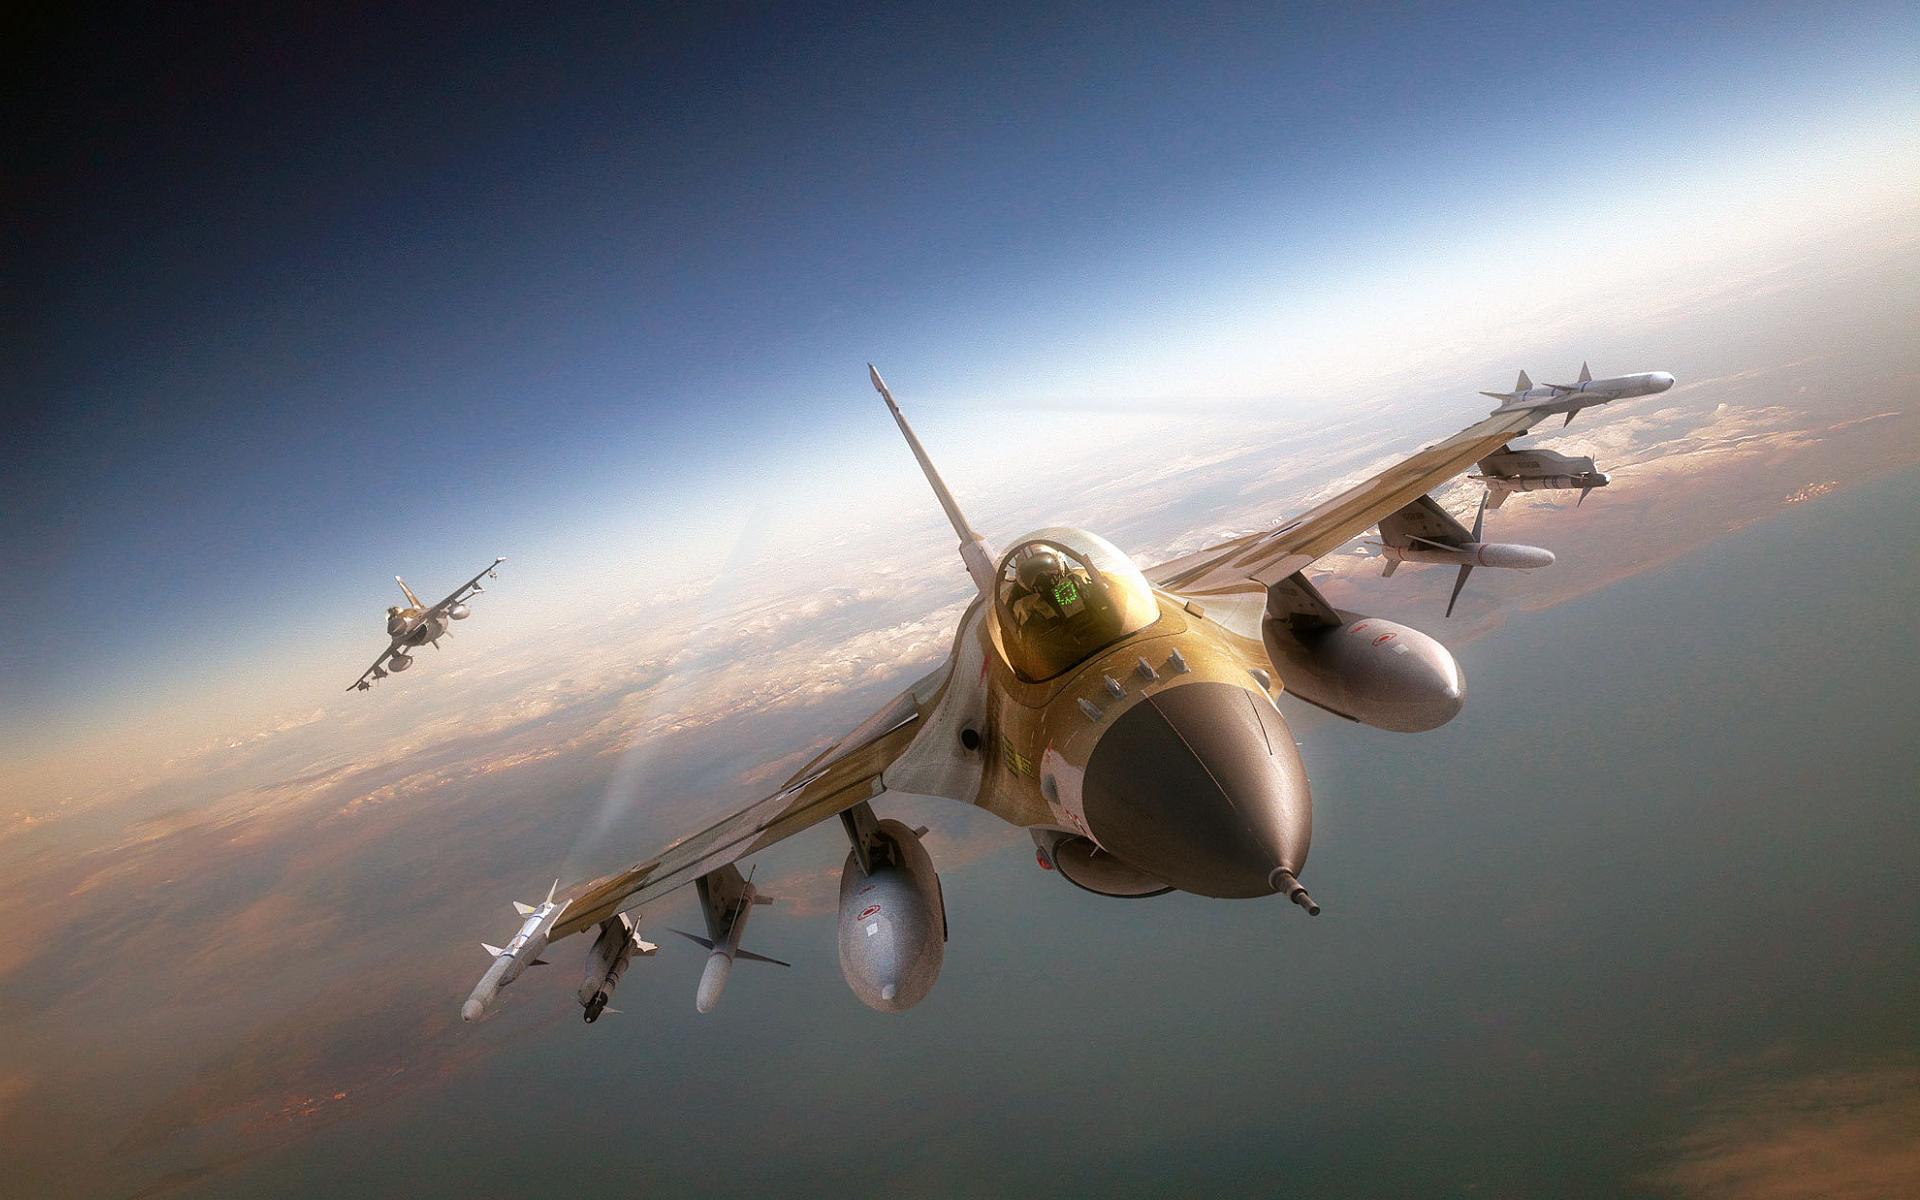 F16 tandem